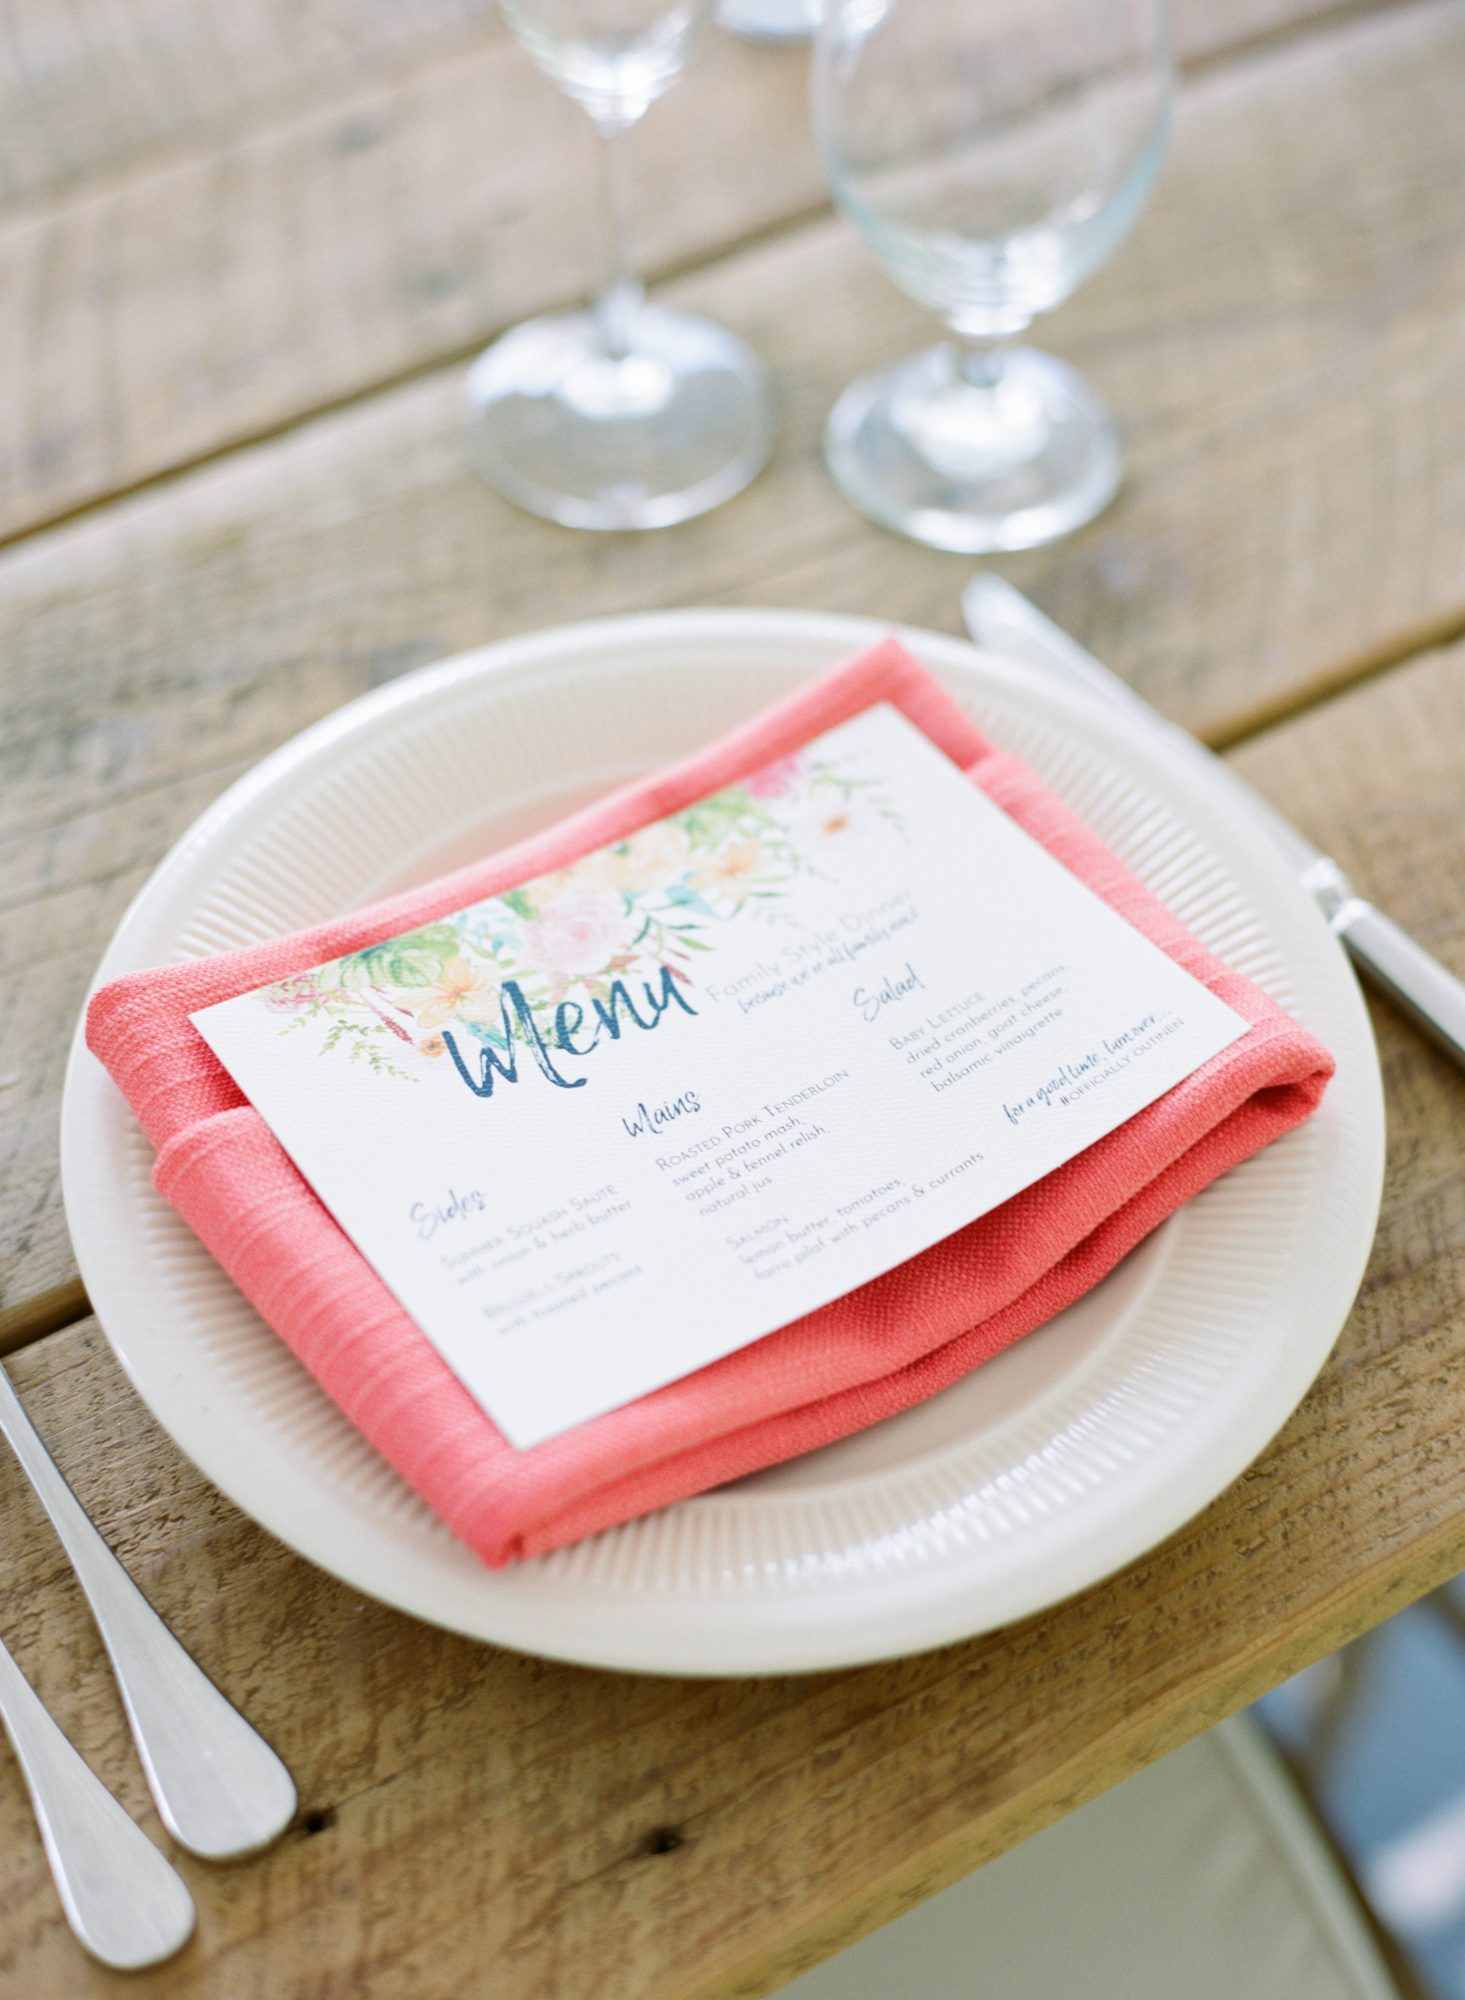 charlene jeremy wedding menu and place settings